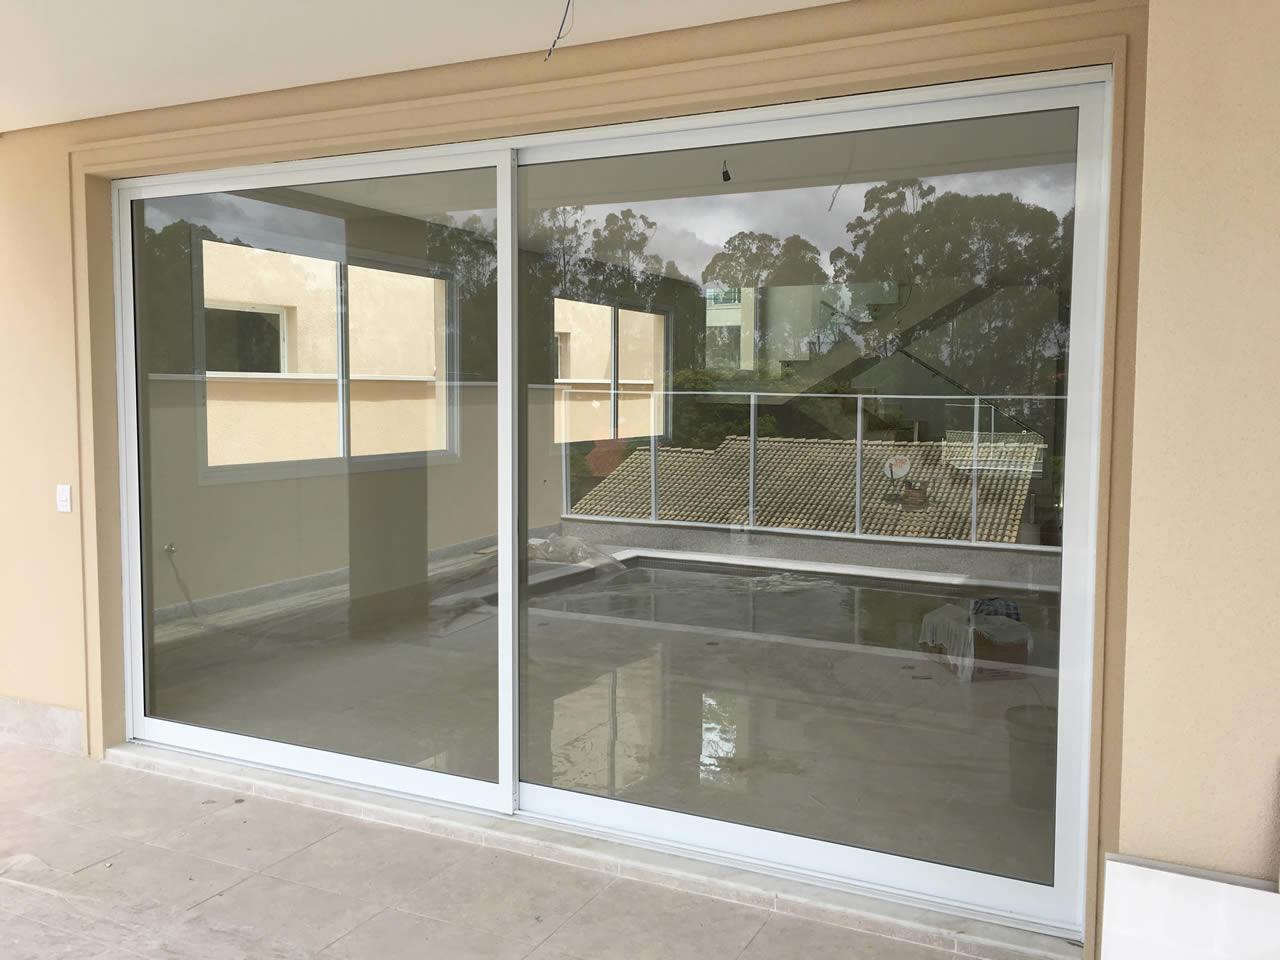 #7F5B4C esquadrias de alumínio para portas e janelas esquadrias de aluminio  1032 Portas E Janelas De Aluminio Campo Grande Rj